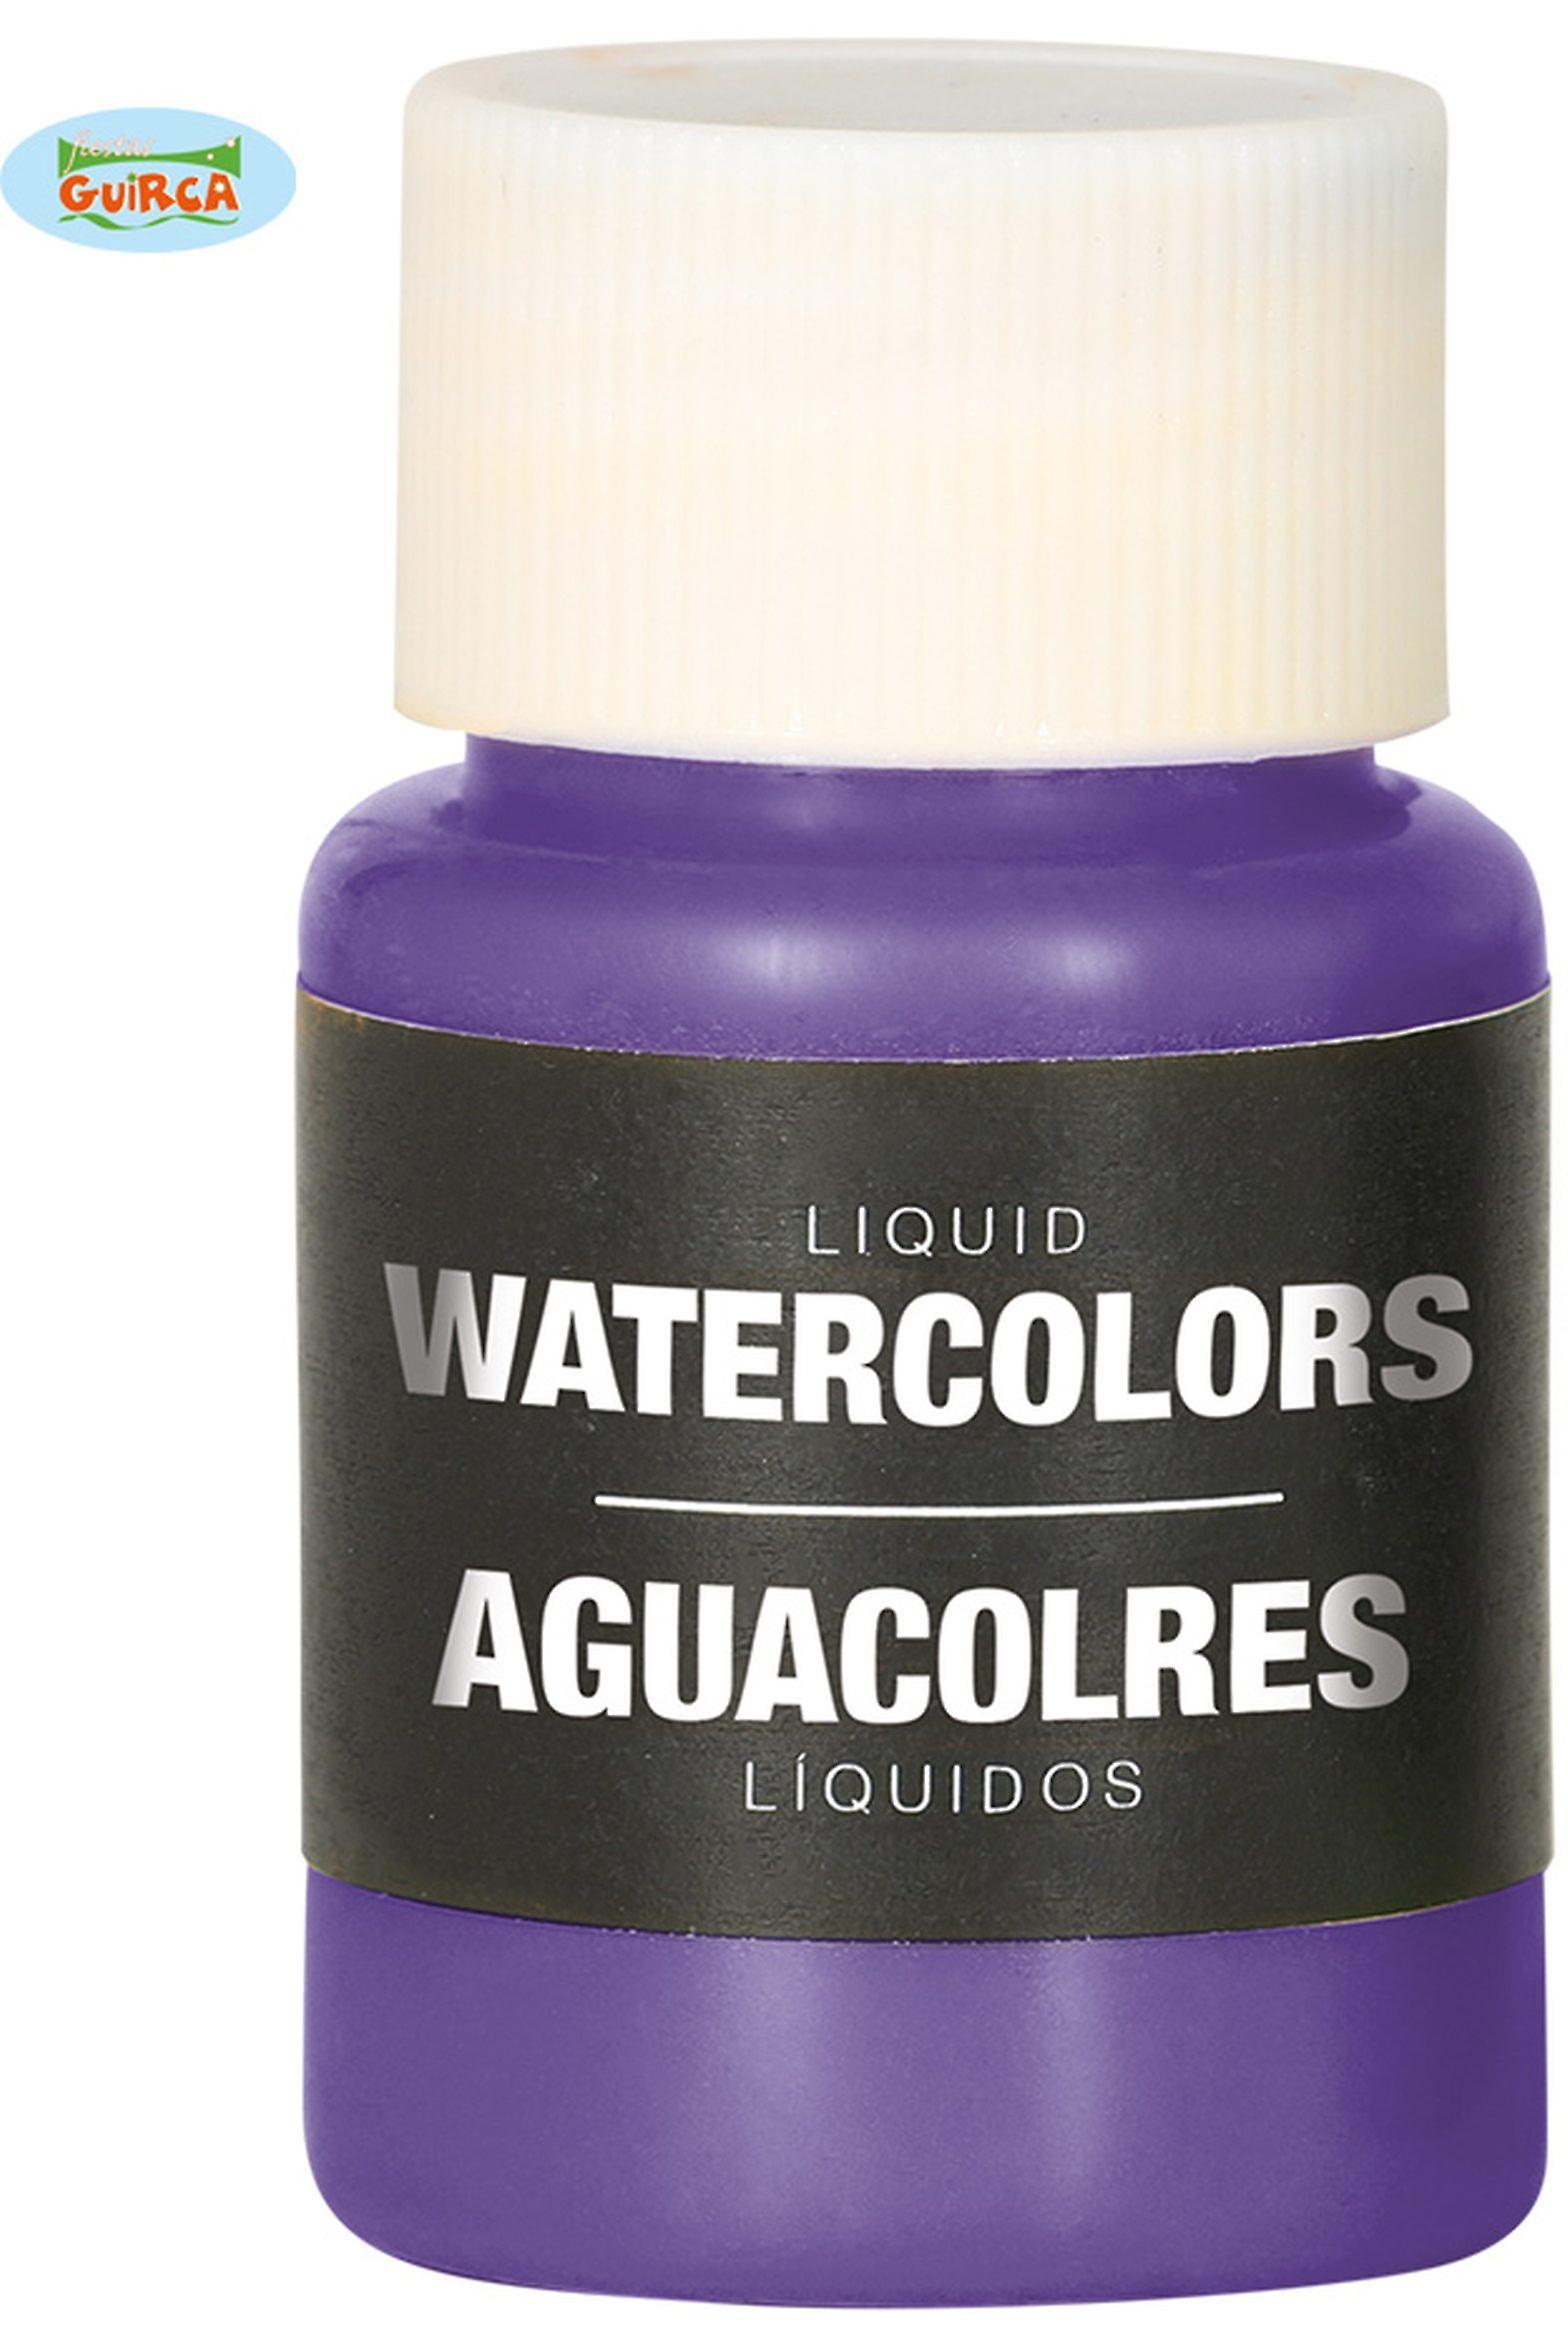 Eau Violet Maquillage Et Cils 28ml Liquide XOZuklPTwi